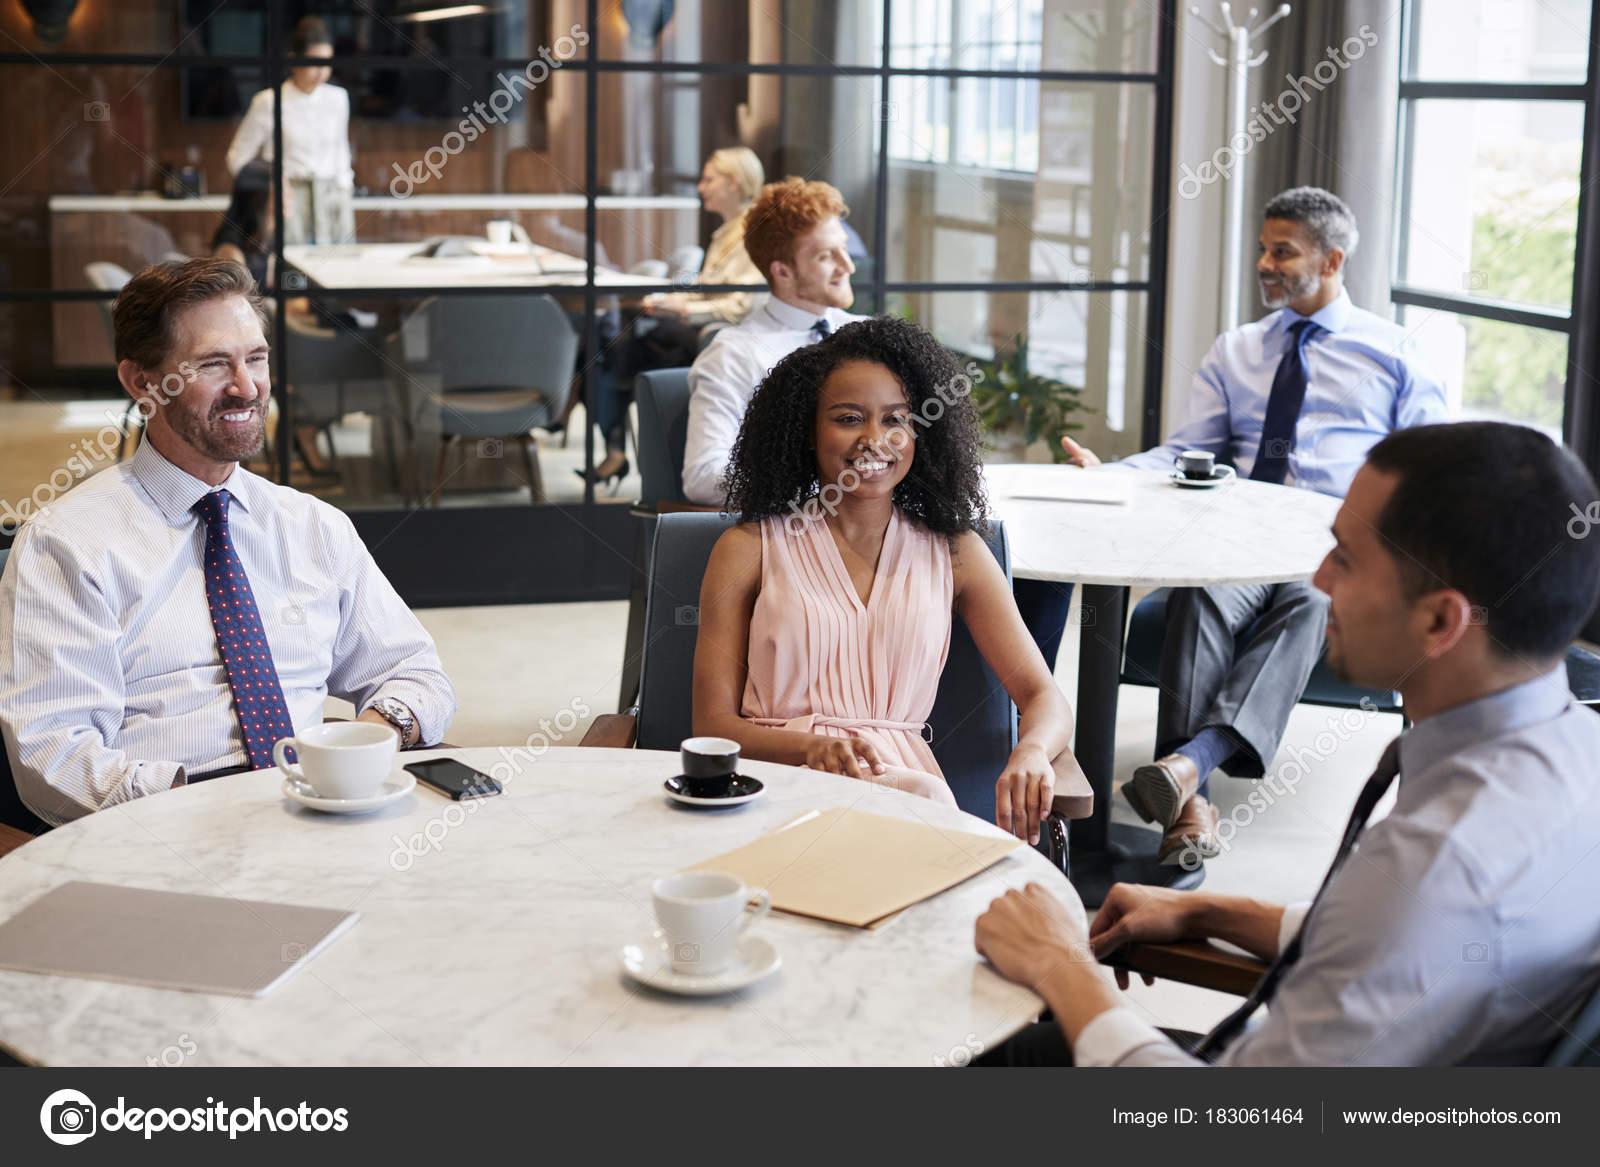 Ufficio Lavoro : Lavoro online cosa scegliere meglio l ufficio o la casa